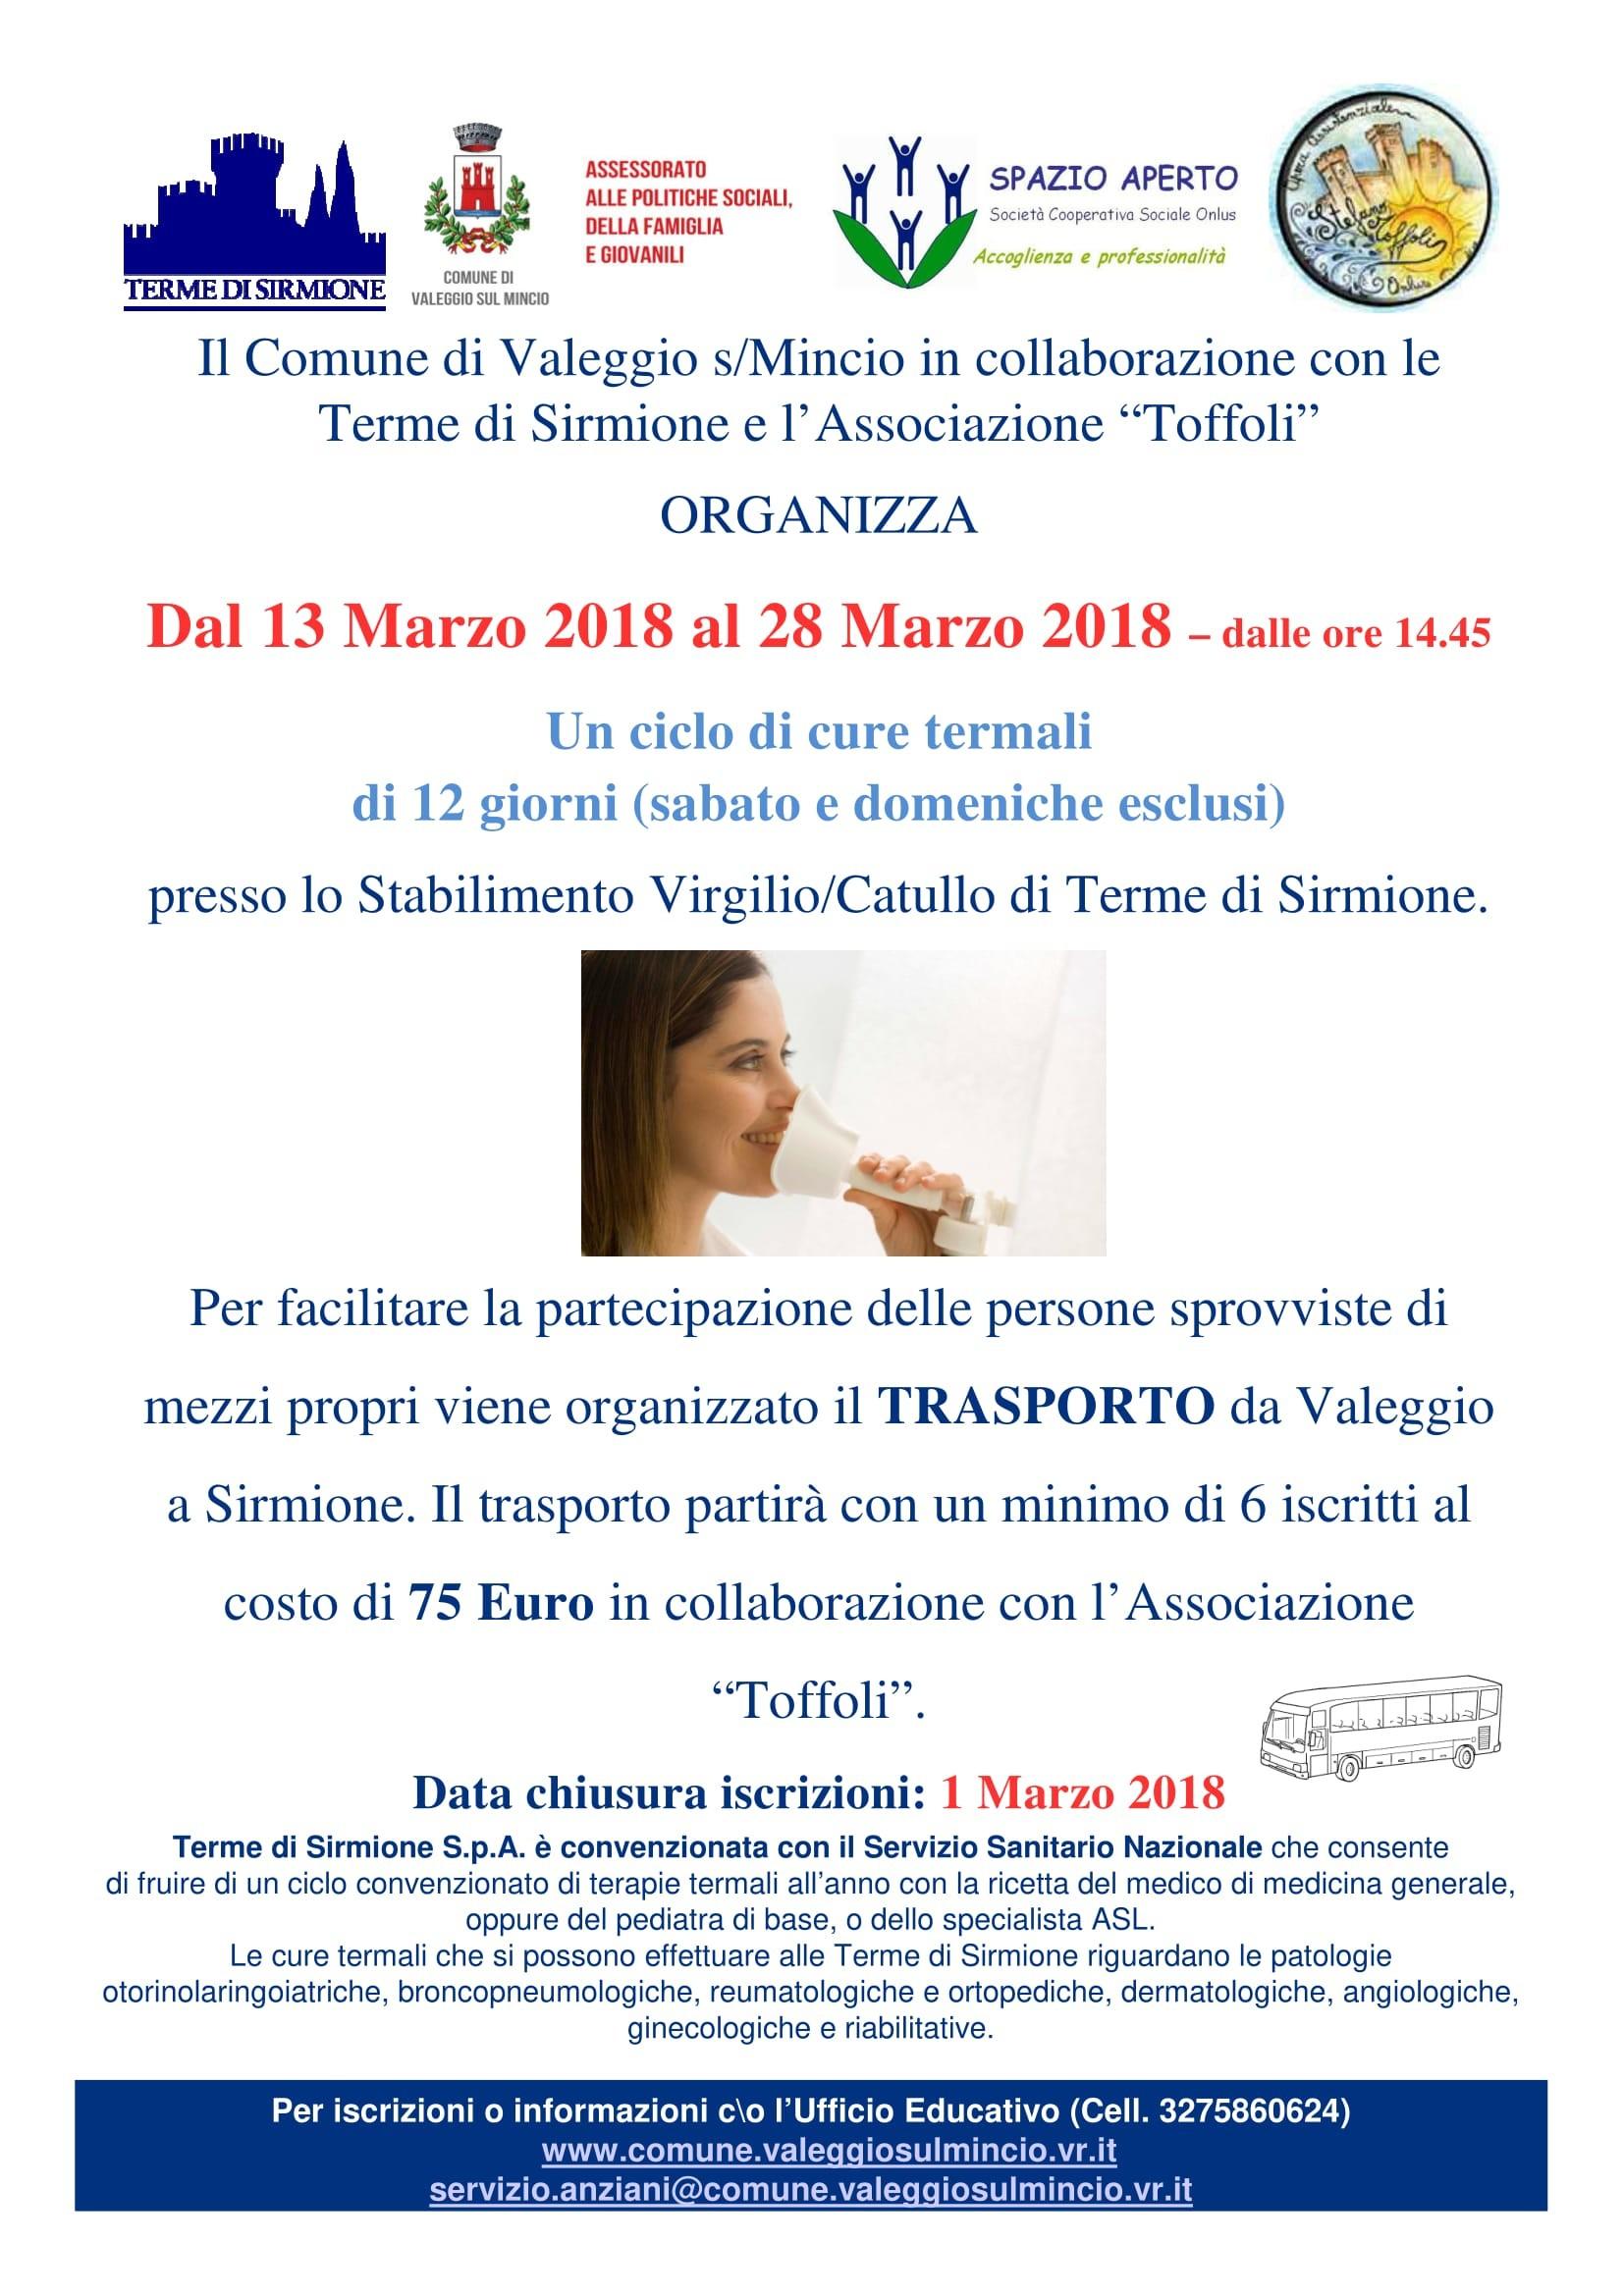 Sono aperte le iscrizioni per il ciclo di cure termali di 12 giorni a Sirmione dal 13 al 28 marzo 2018 Il une di Valeggio sul Mincio organizza